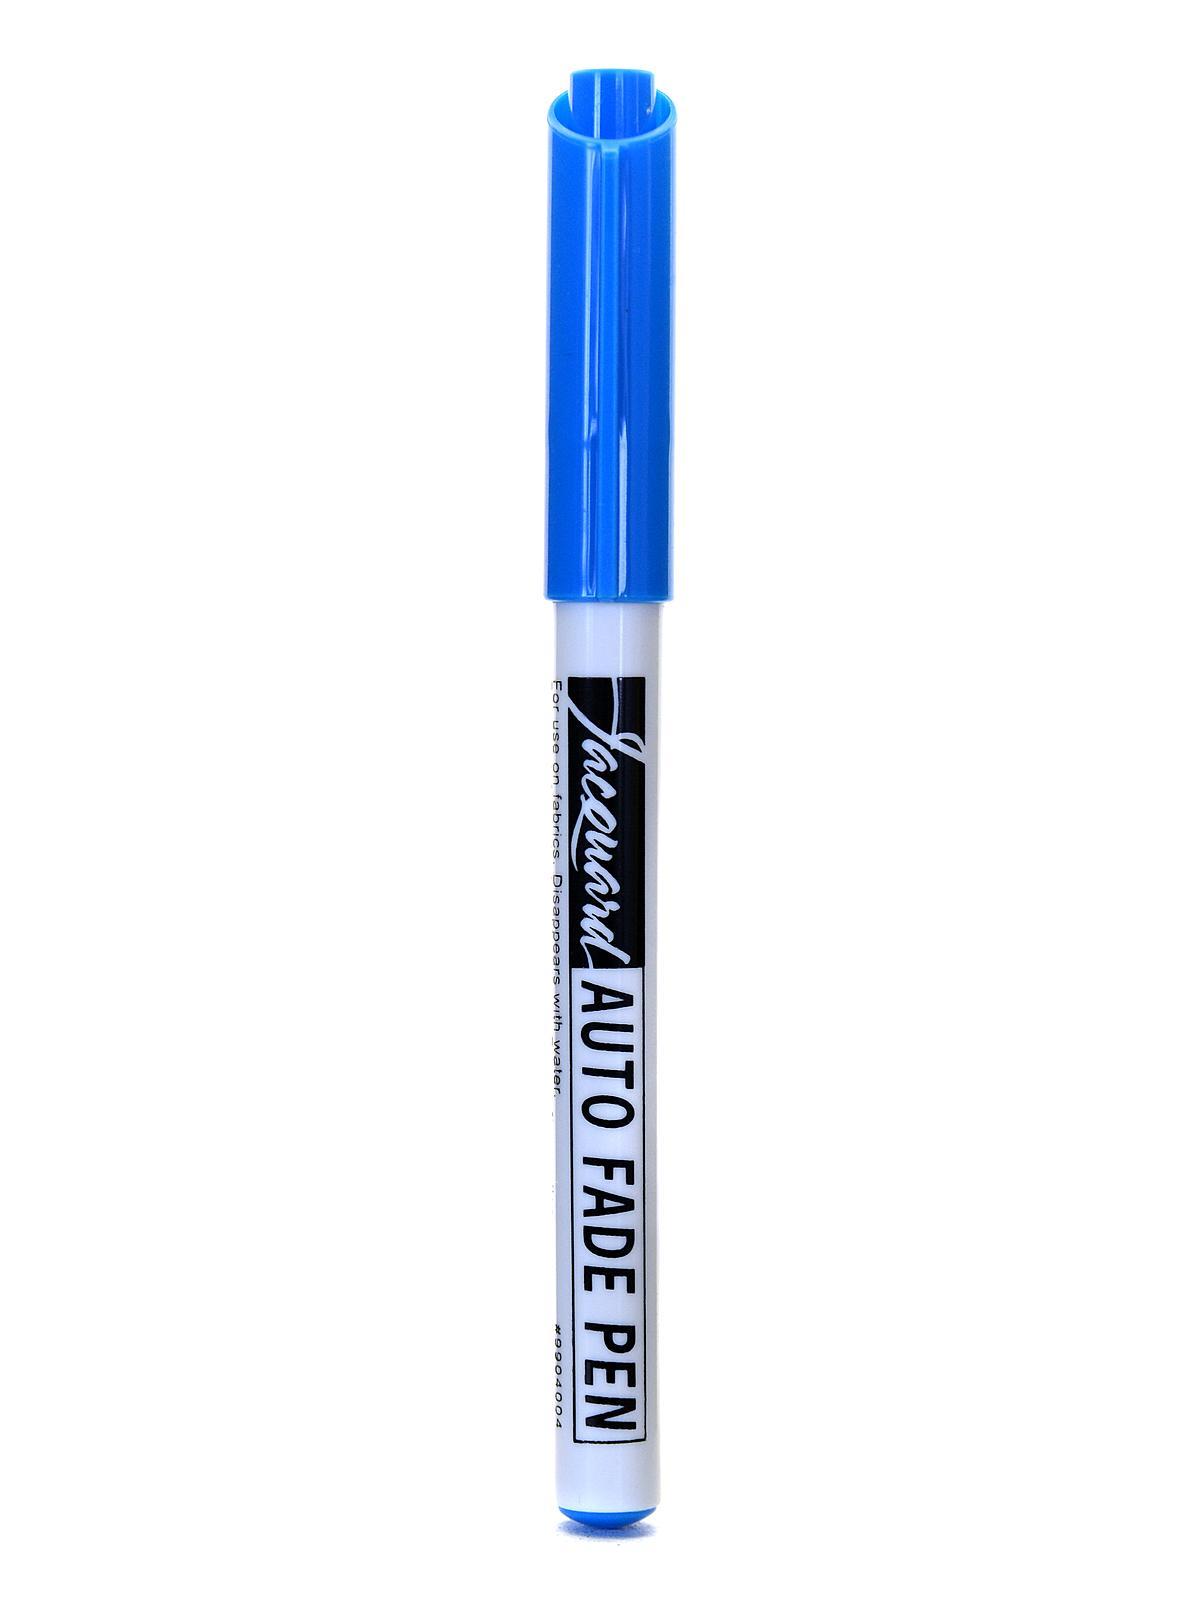 Auto Fade Pen